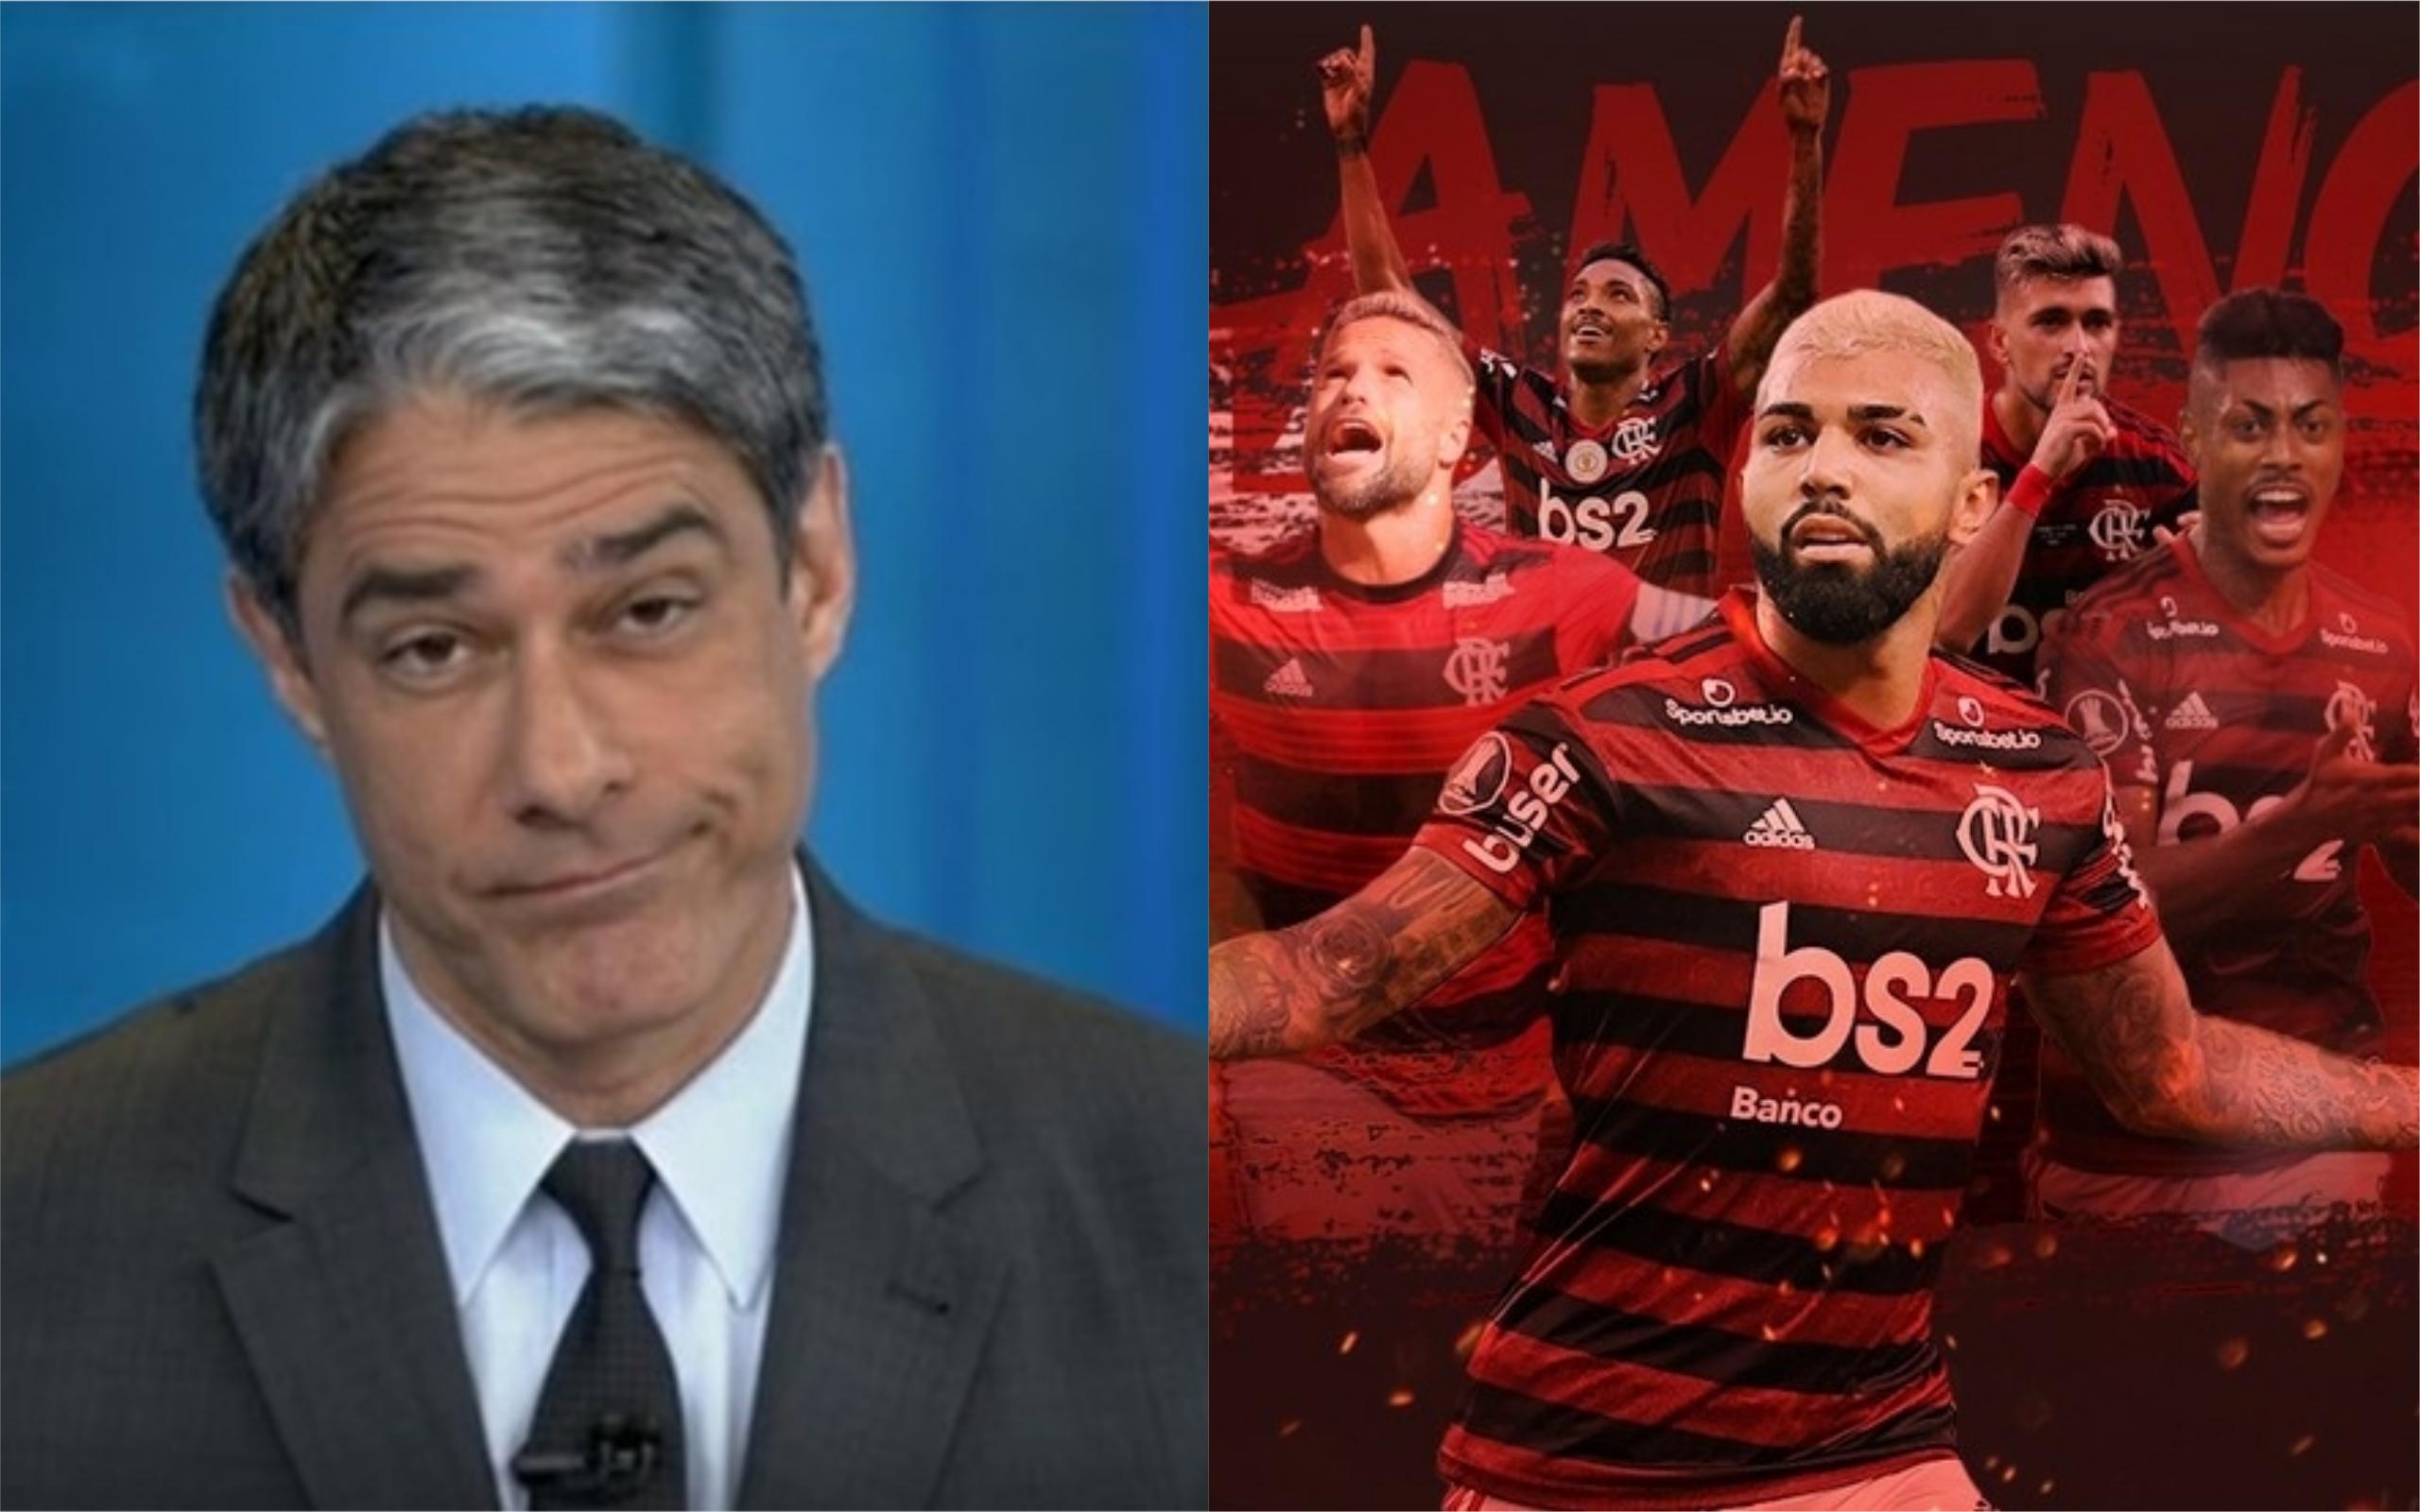 Globo se deu mal em guerra com Flamengo e Bolsonaro (Foto: Divulgação)